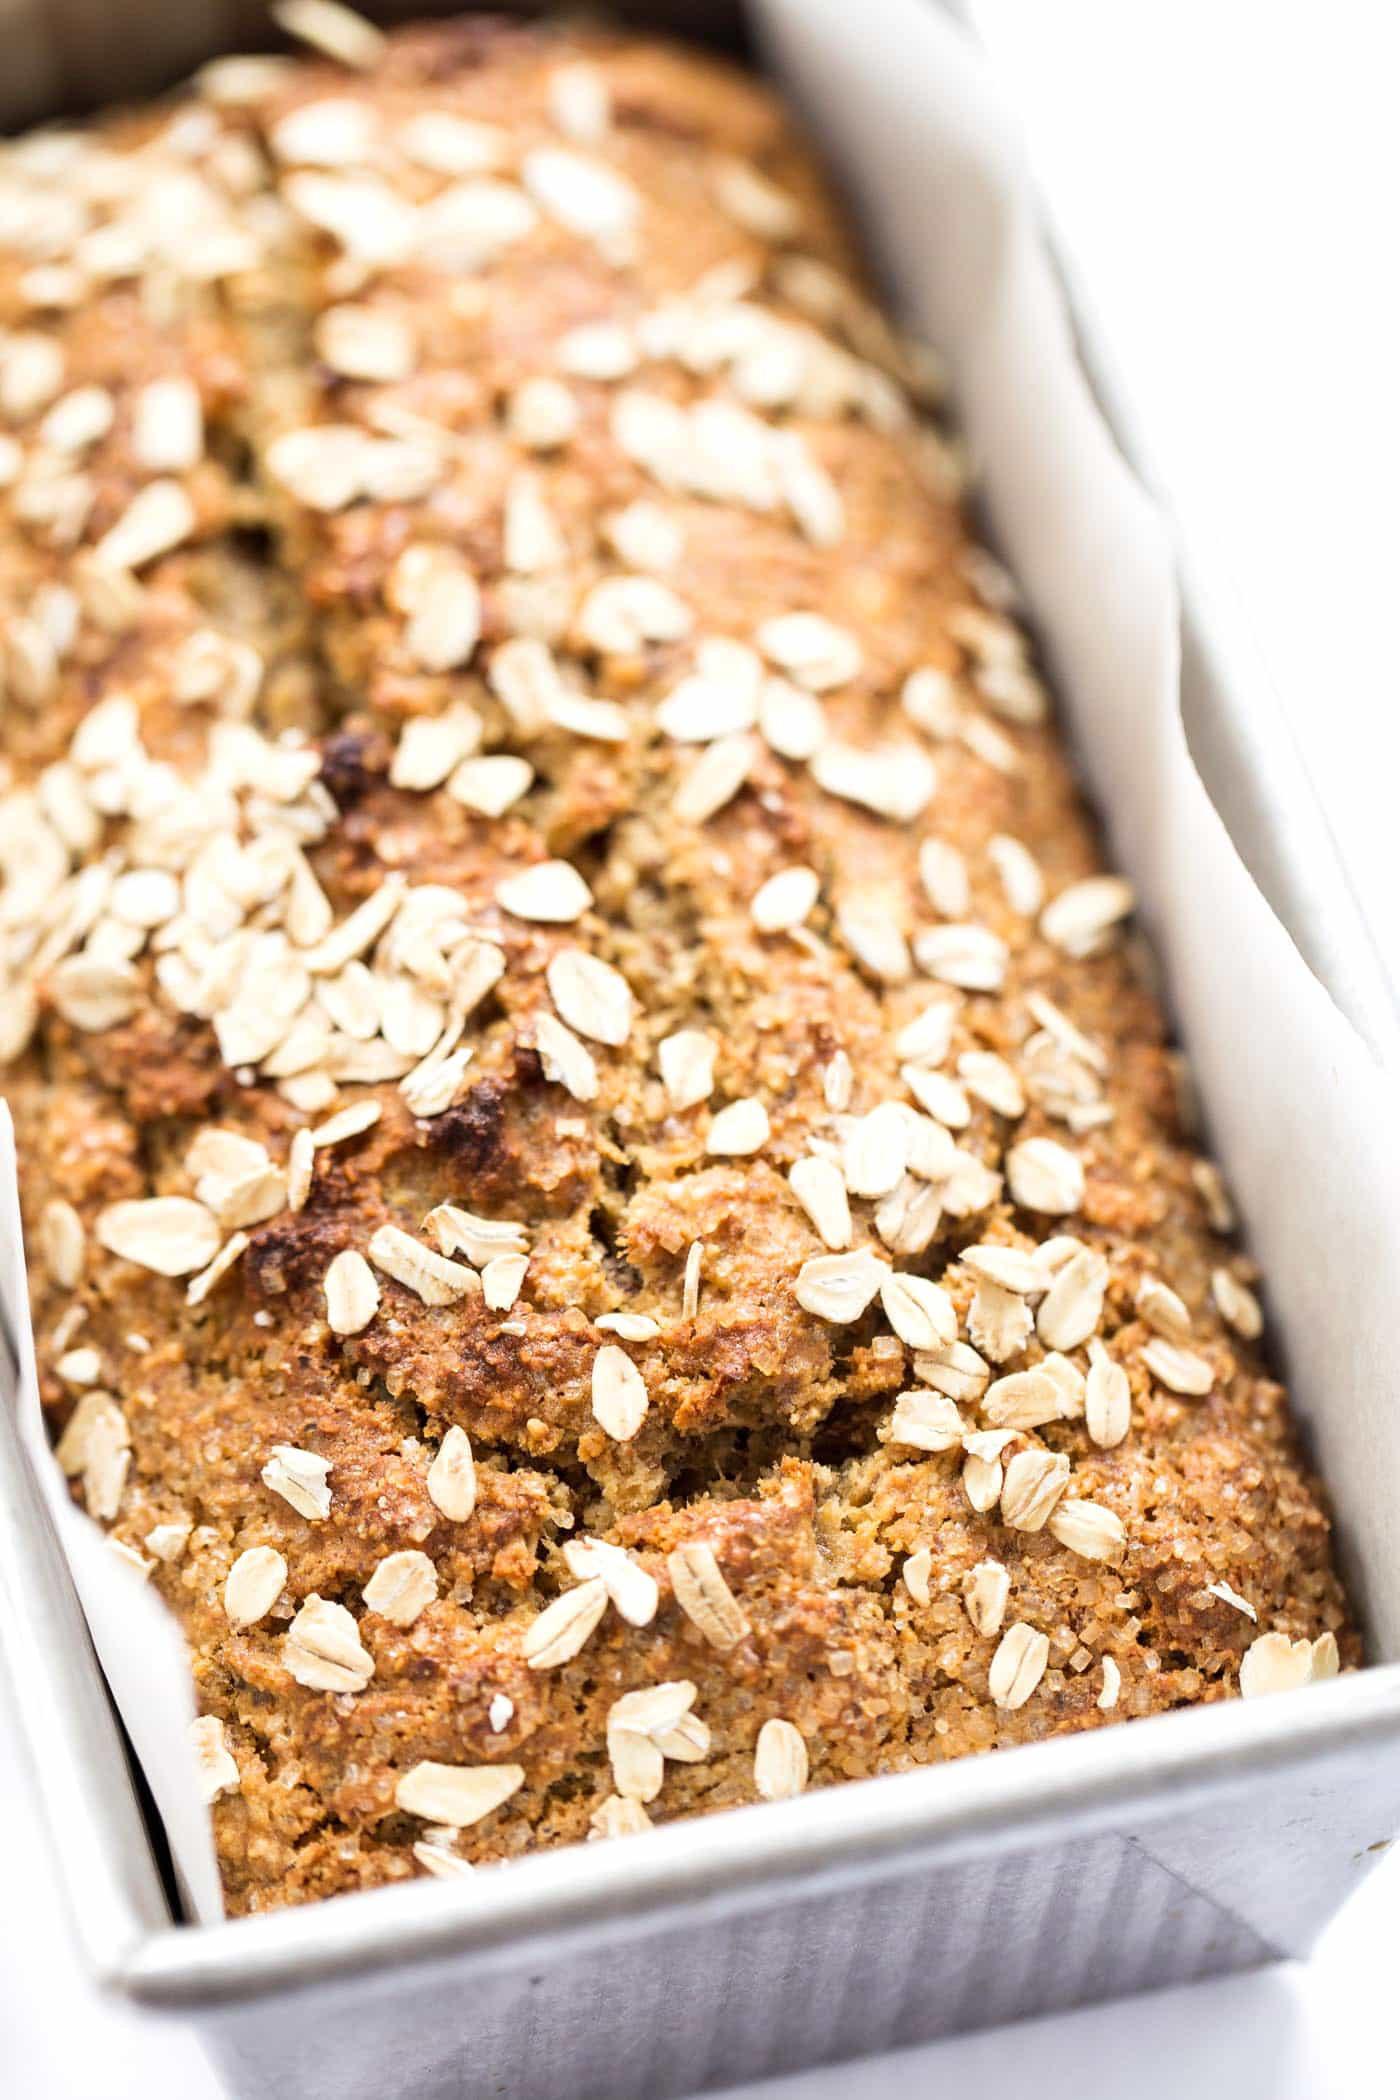 Banana Oat Bread Recipe Healthy  Healthy Honey Oatmeal Banana Bread Simply Quinoa